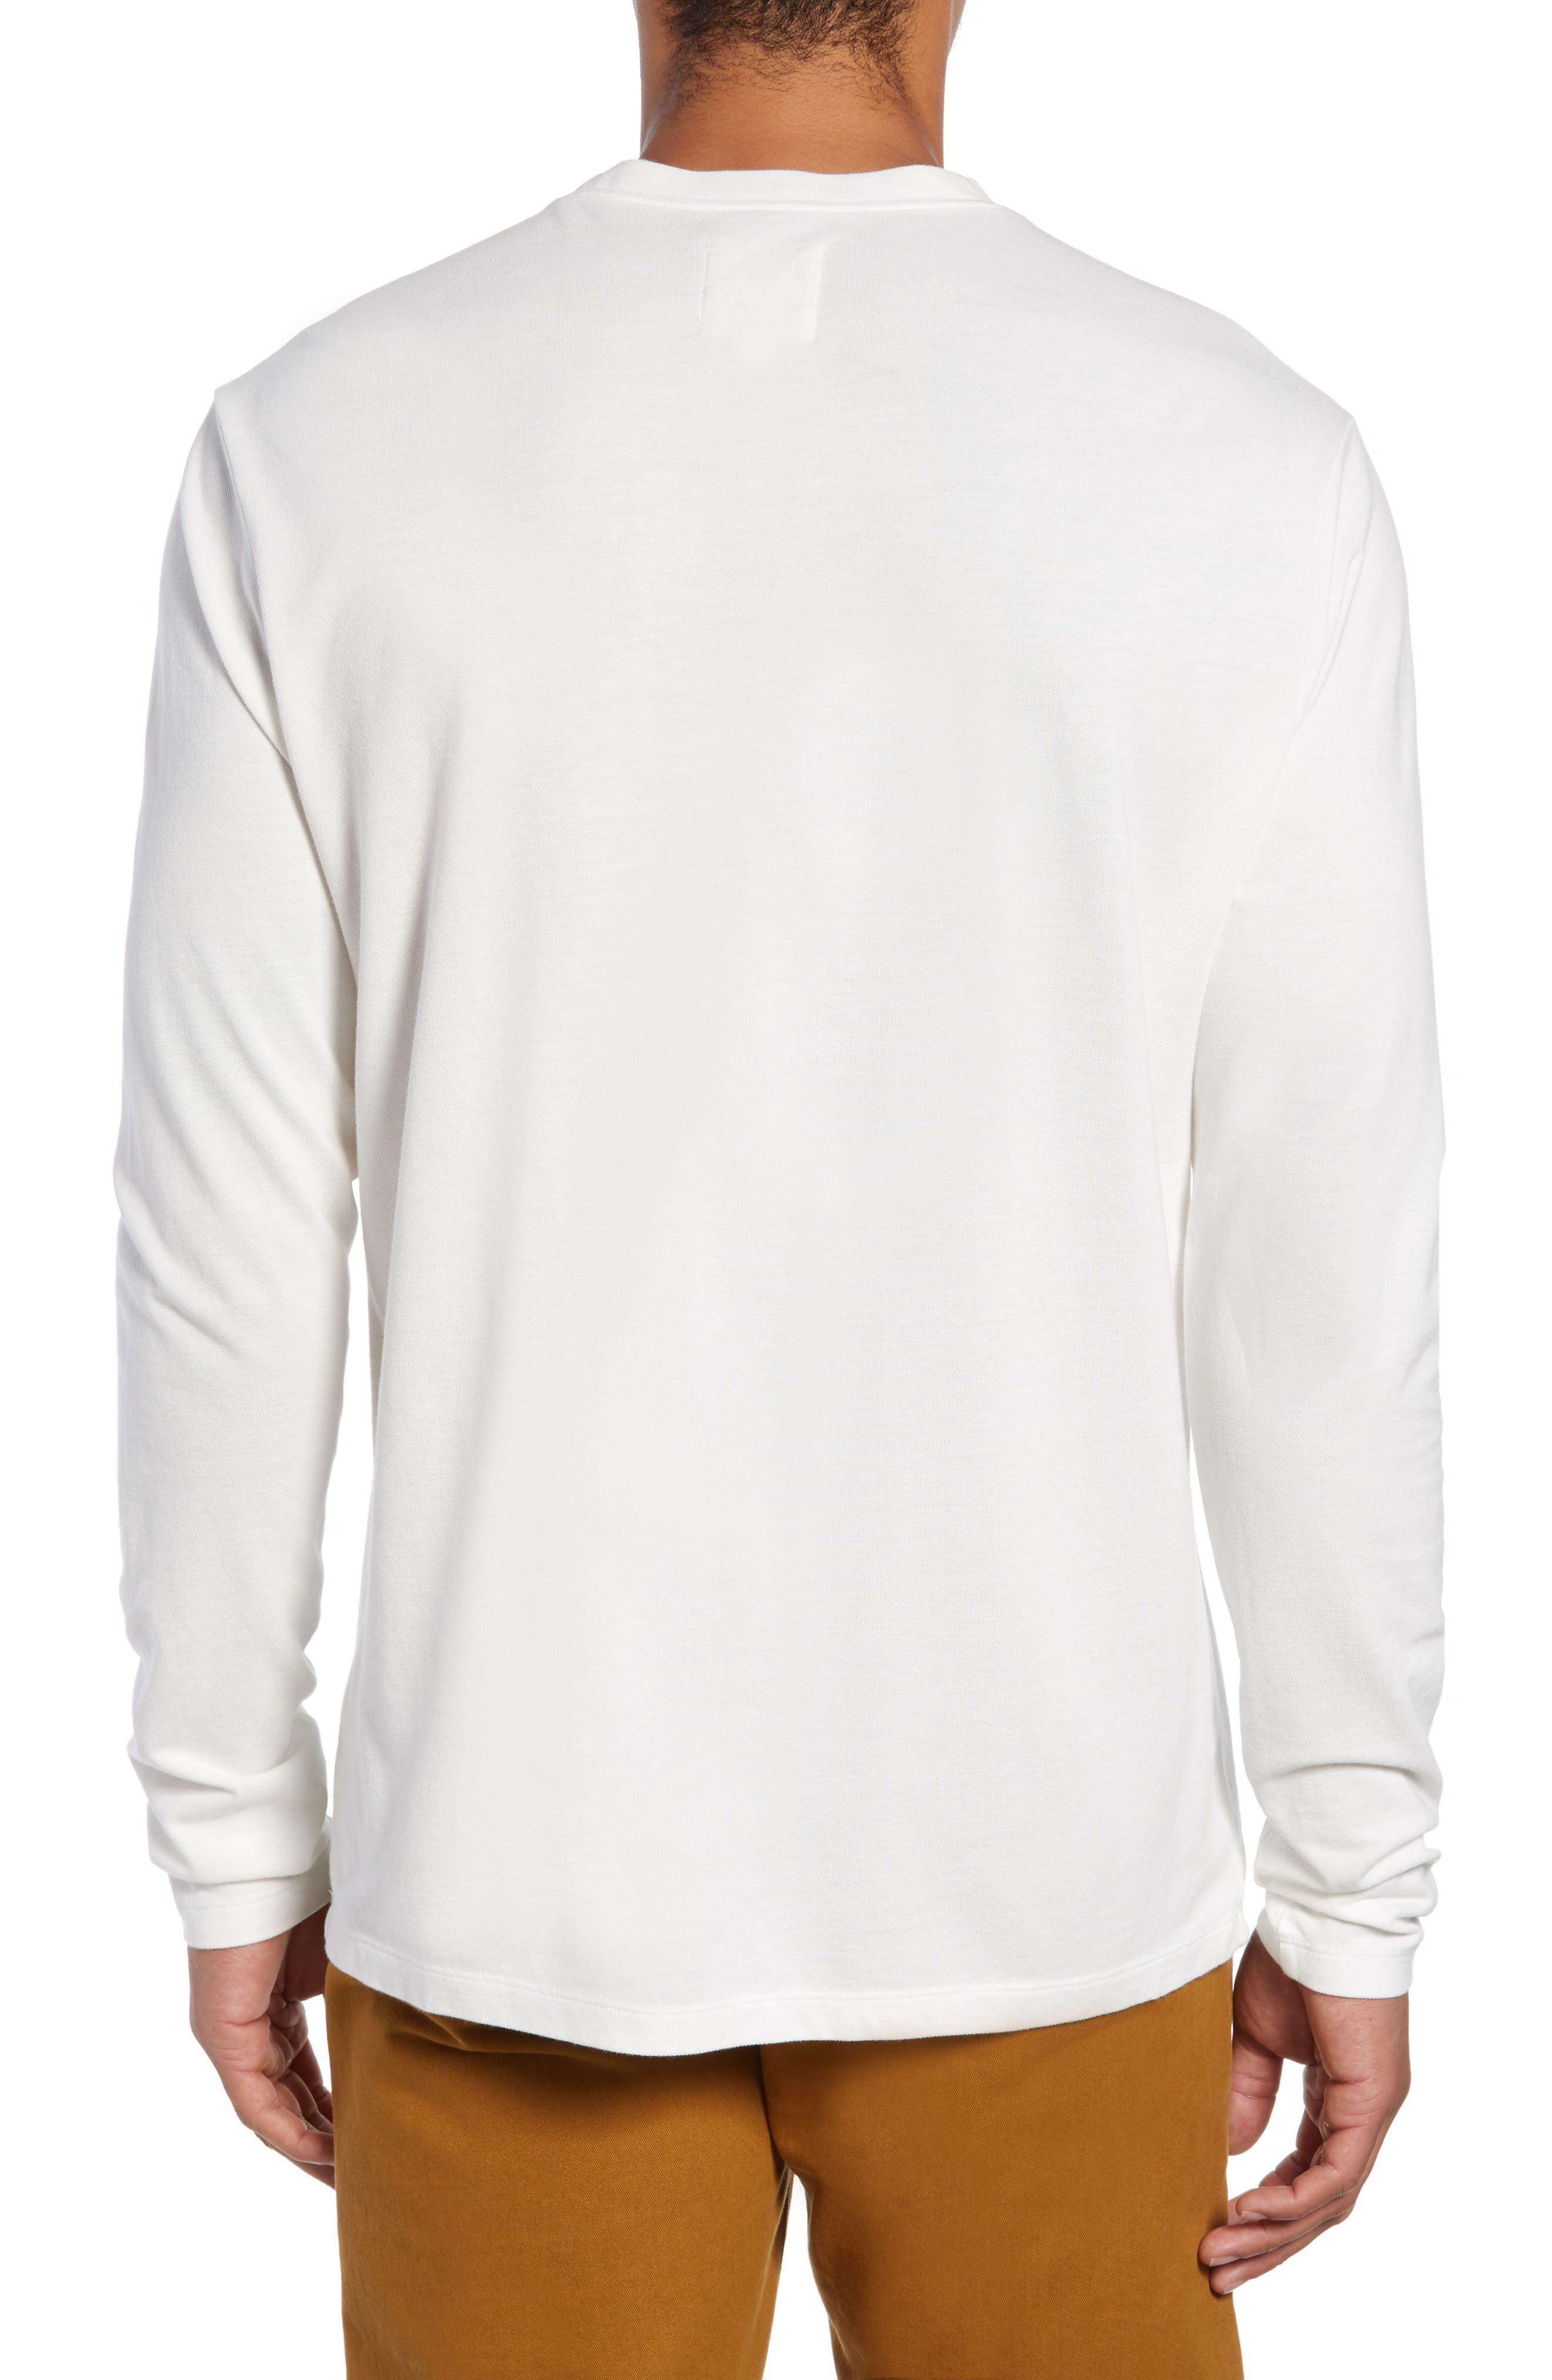 Piqua Pocket T-Shirt,                             Alternate thumbnail 2, color,                             WHITE